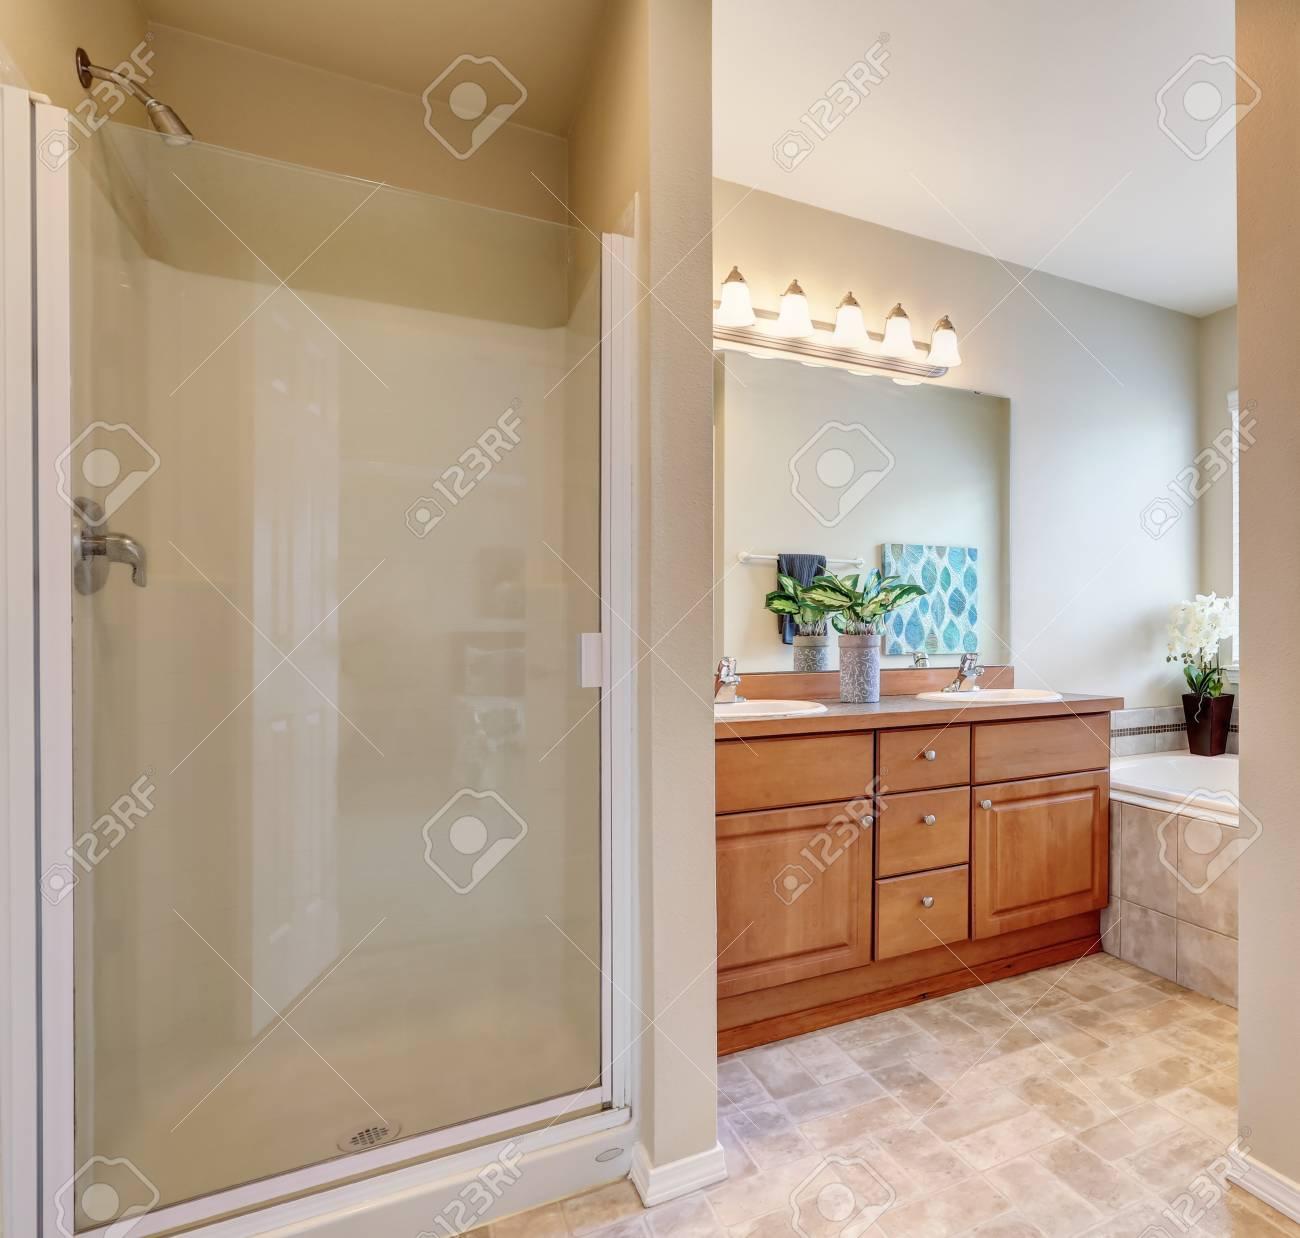 Petit Meuble Vasque Salle De Bain intérieur de la salle de bain avec porte vitrée, vue sur la baignoire et  petit meuble lavabo double vasque avec miroir. nord-ouest des États-unis